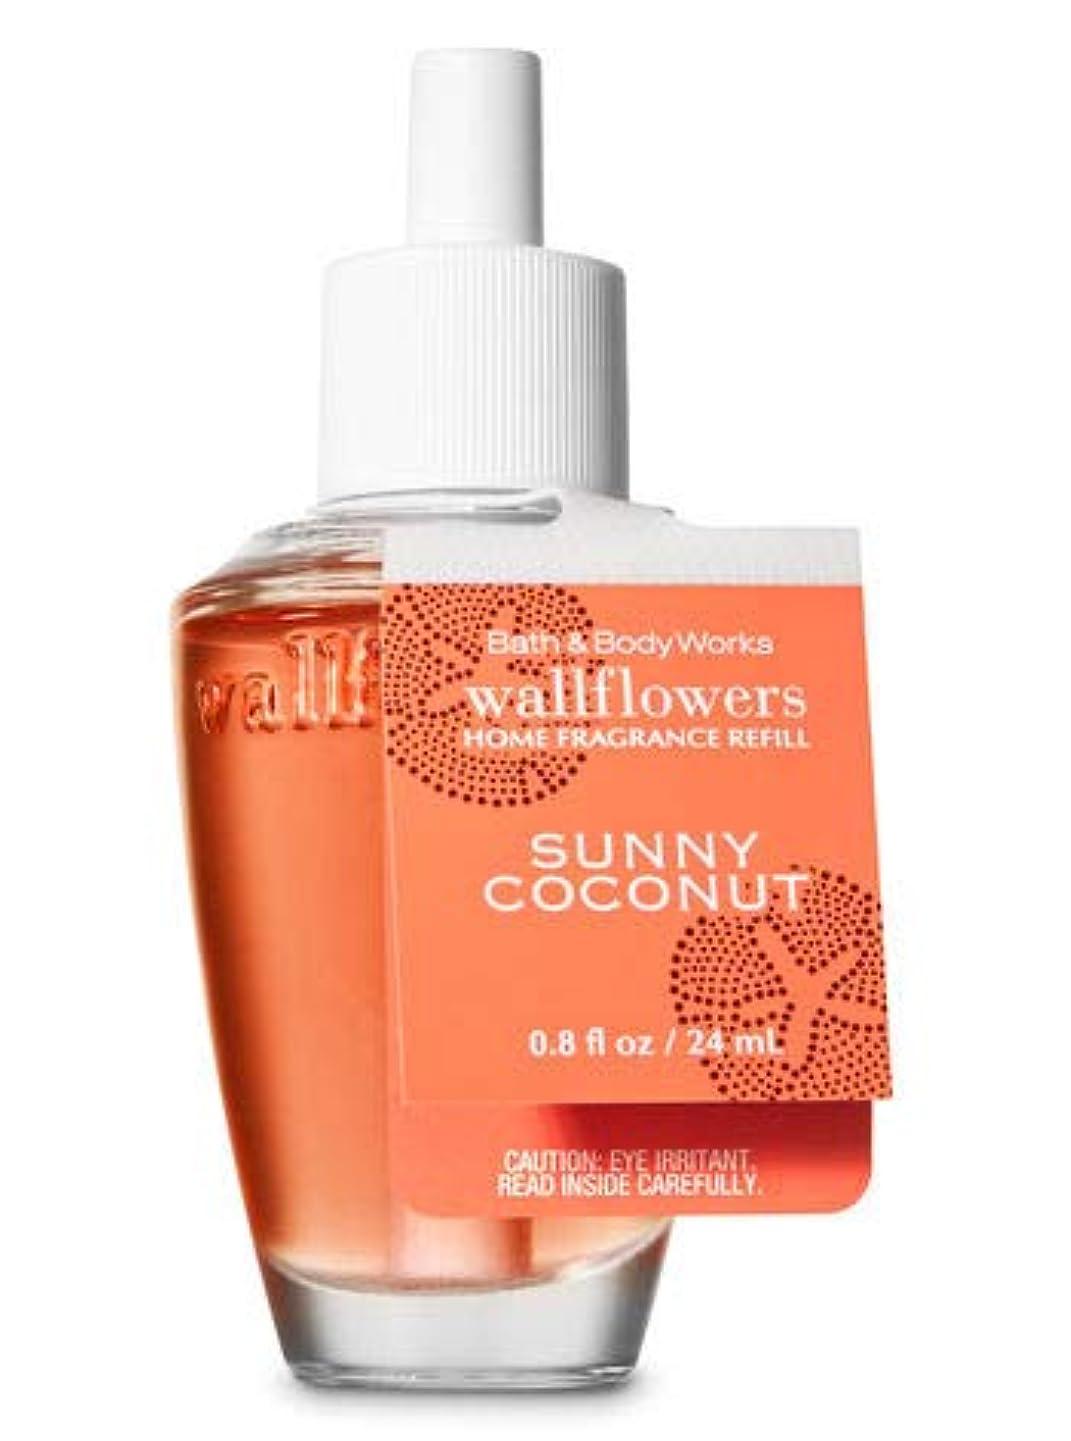 間違いなく週末グレートオーク【Bath&Body Works/バス&ボディワークス】 ルームフレグランス 詰替えリフィル サニーココナッツ Wallflowers Home Fragrance Refill Sunny Coconut [並行輸入品]